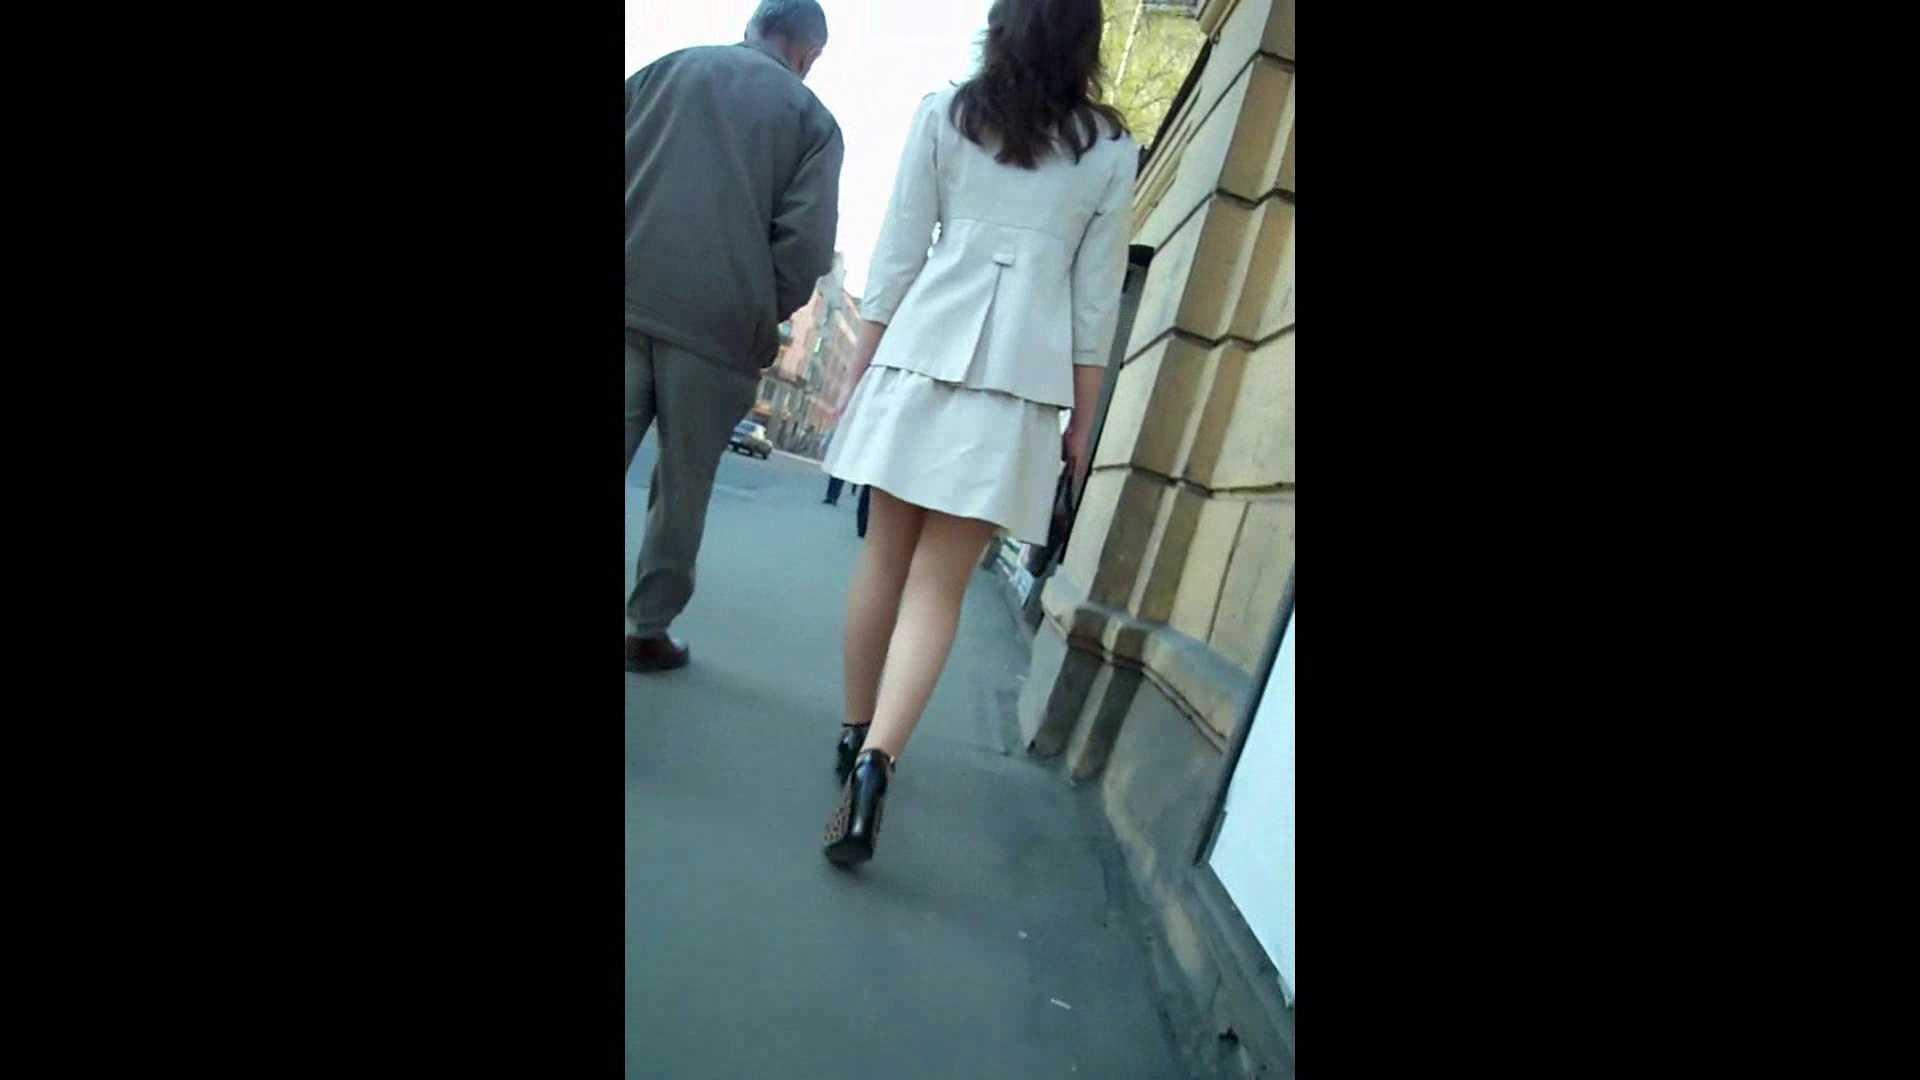 綺麗なモデルさんのスカート捲っちゃおう‼vol01 OLエロ画像  79PICs 26